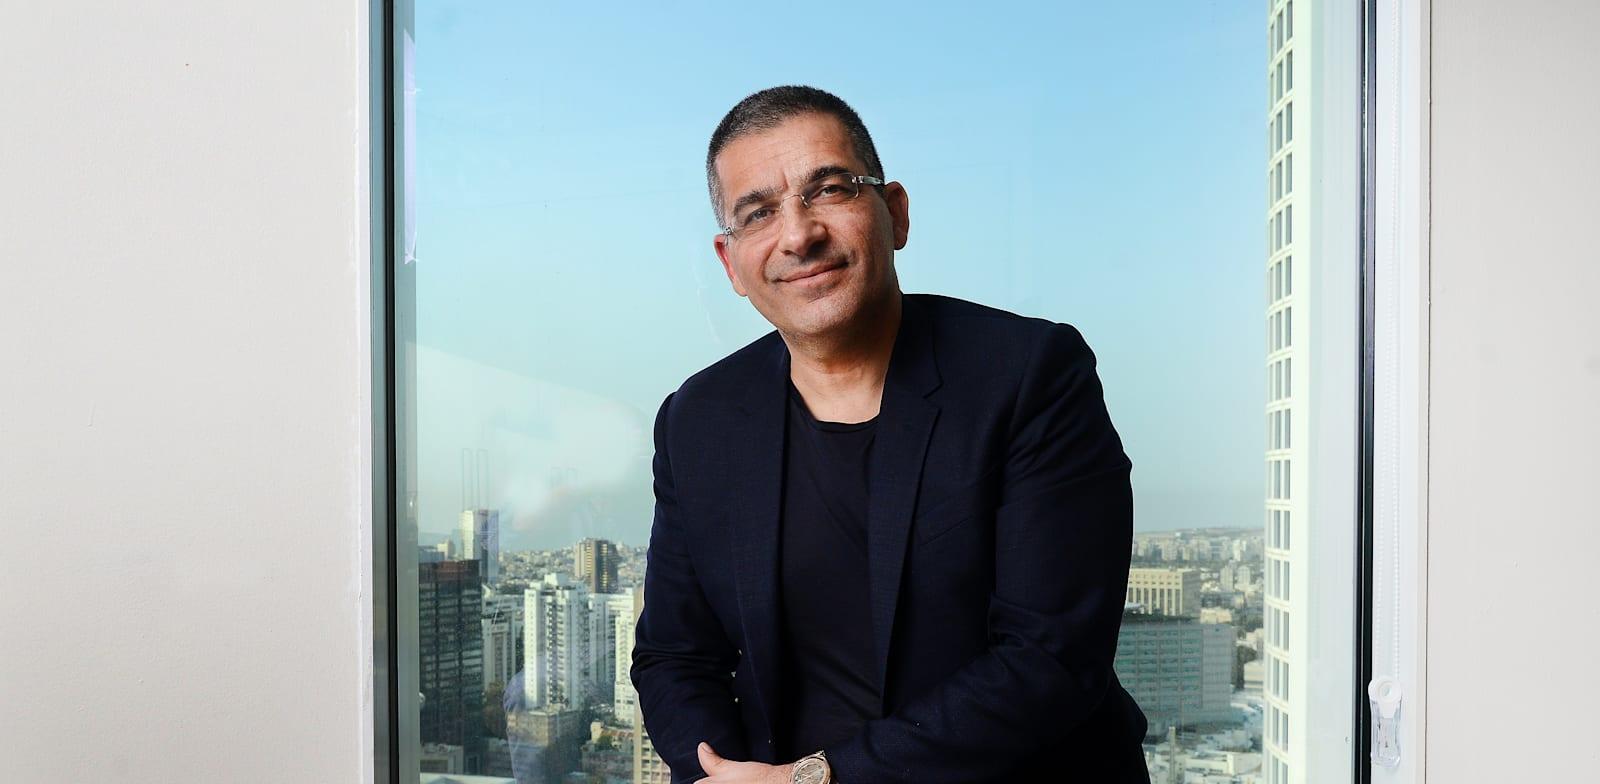 """מנכ""""ל אאורה - יעקב אטרקצ'י / צילום: איל יצהר"""